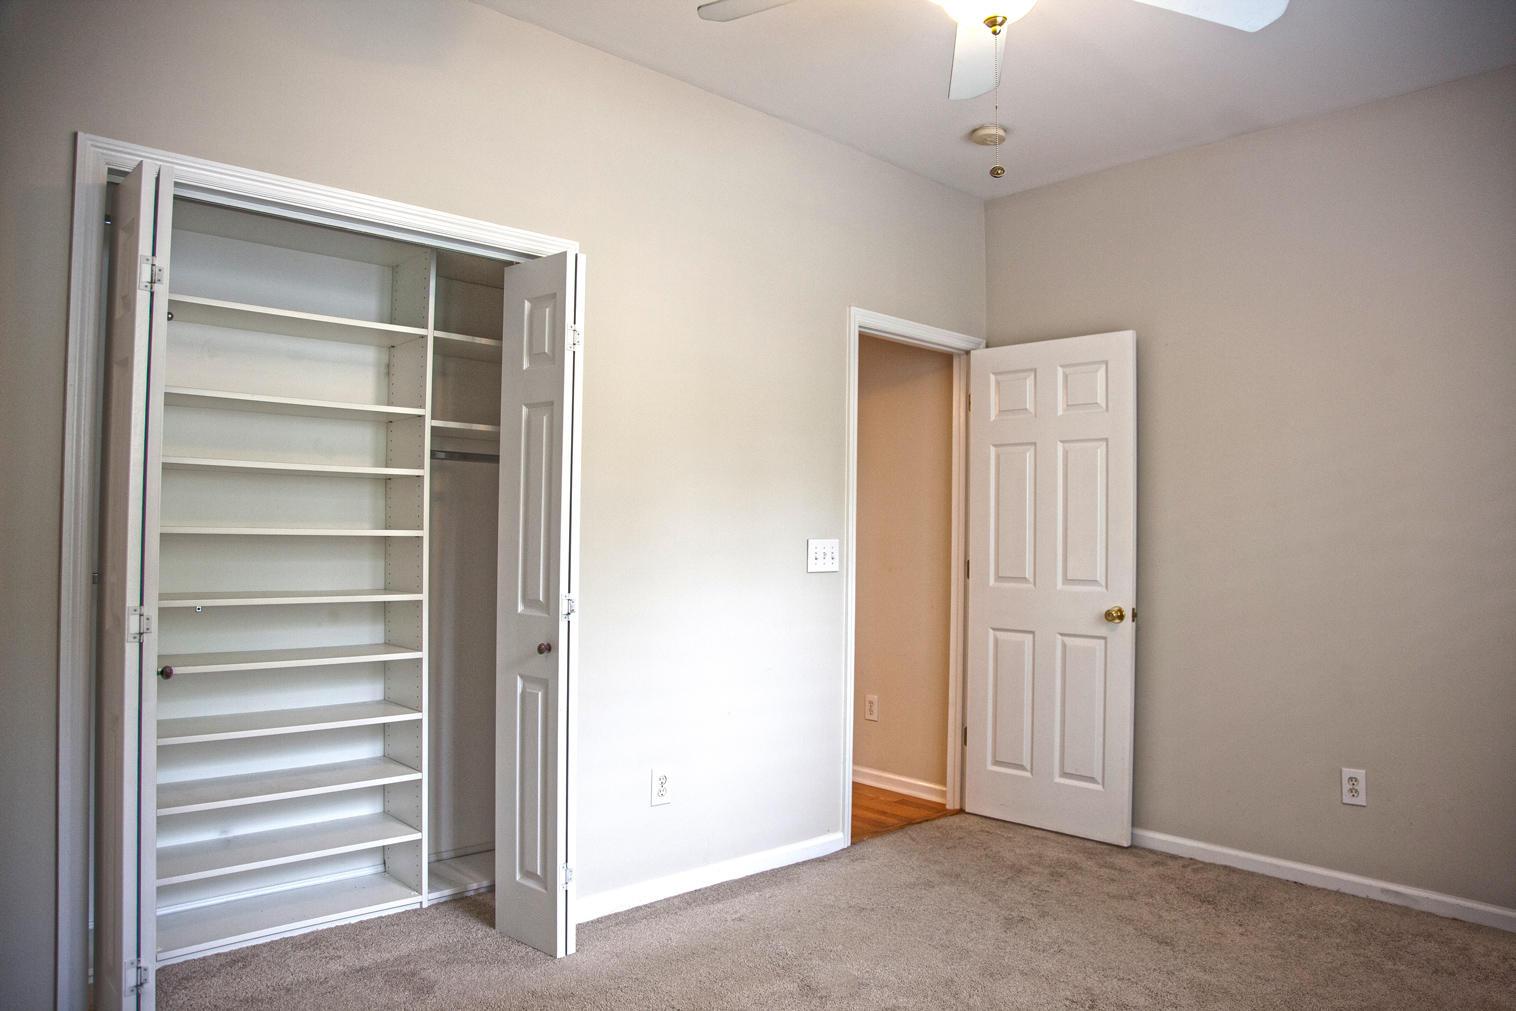 Park West Homes For Sale - 3190 John Bartram Place, Mount Pleasant, SC - 33